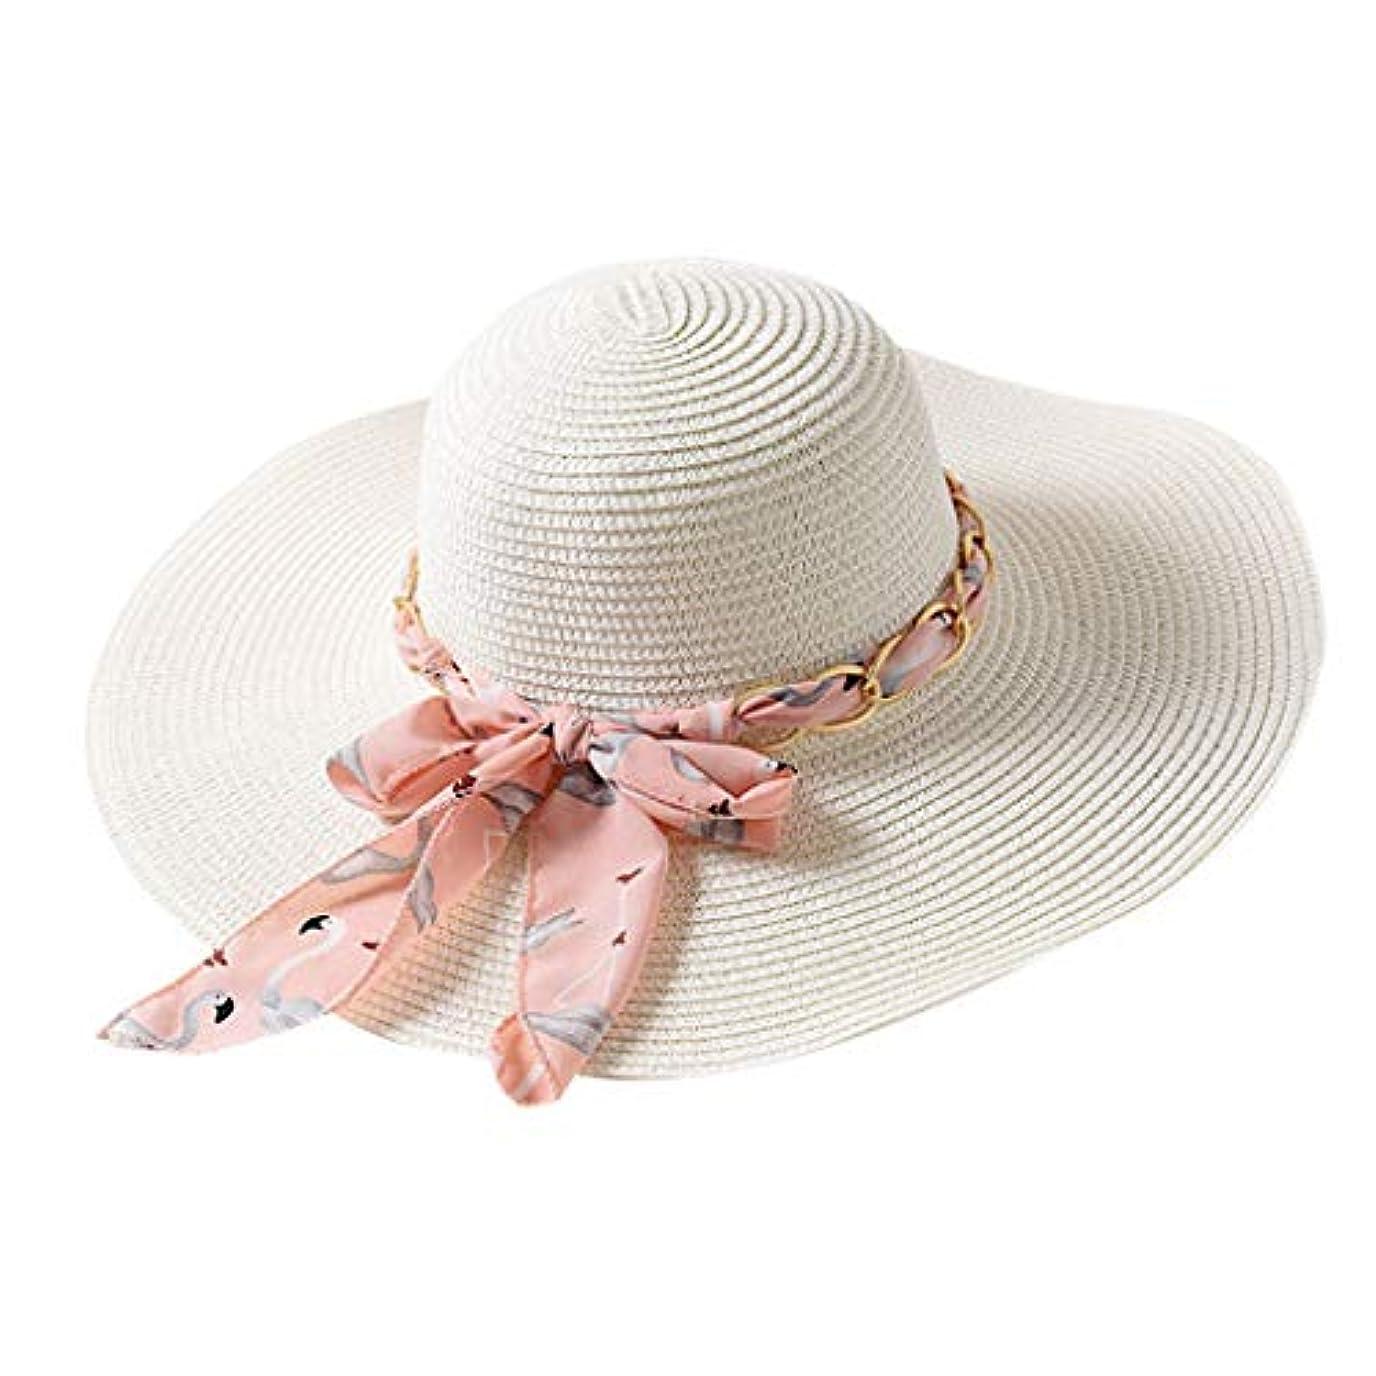 どこでも暗い拡張ファッション小物 夏 帽子 レディース UVカット 帽子 ハット レディース 紫外線対策 日焼け防止 取り外すあご紐 つば広 おしゃれ 可愛い 夏季 折りたたみ サイズ調節可 旅行 女優帽 小顔効果抜群 ROSE ROMAN